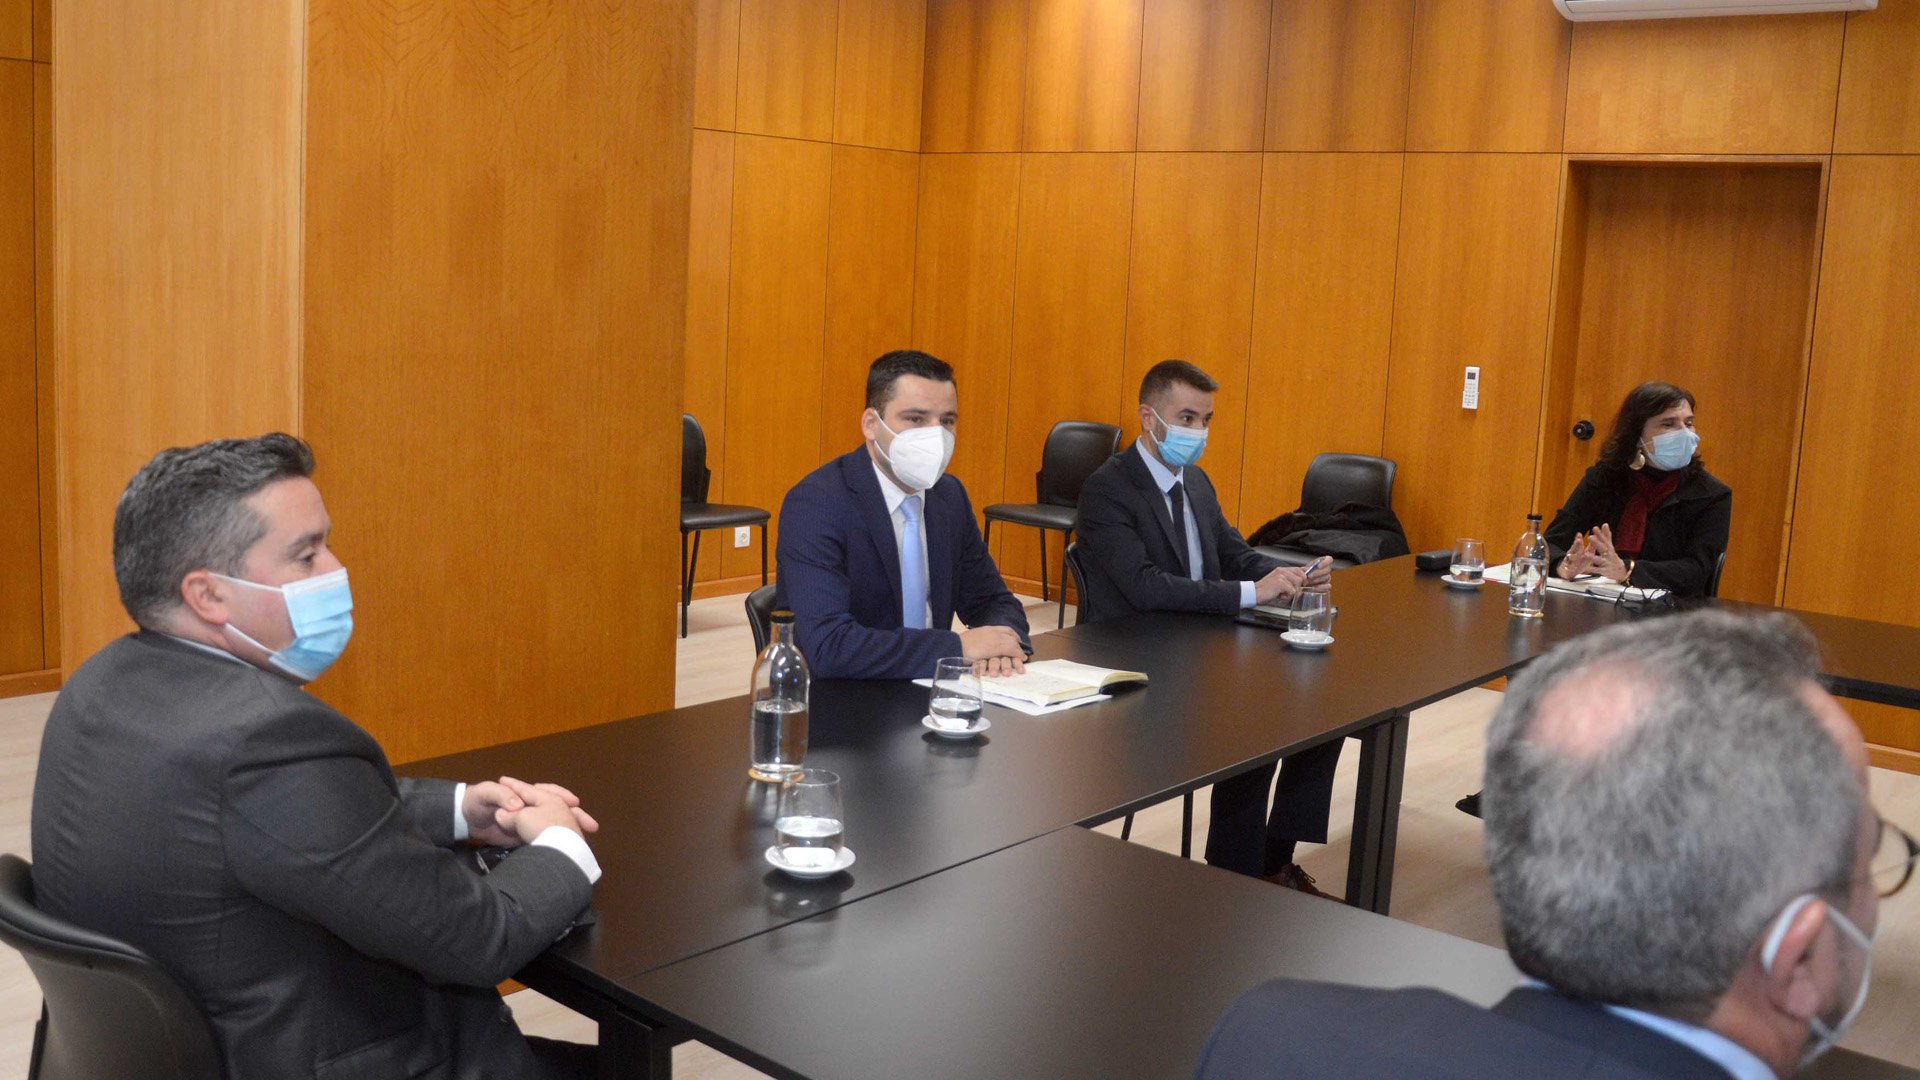 Reunião com a direção da Associação de Municípios da Ilha de São Miguel (AMISM)